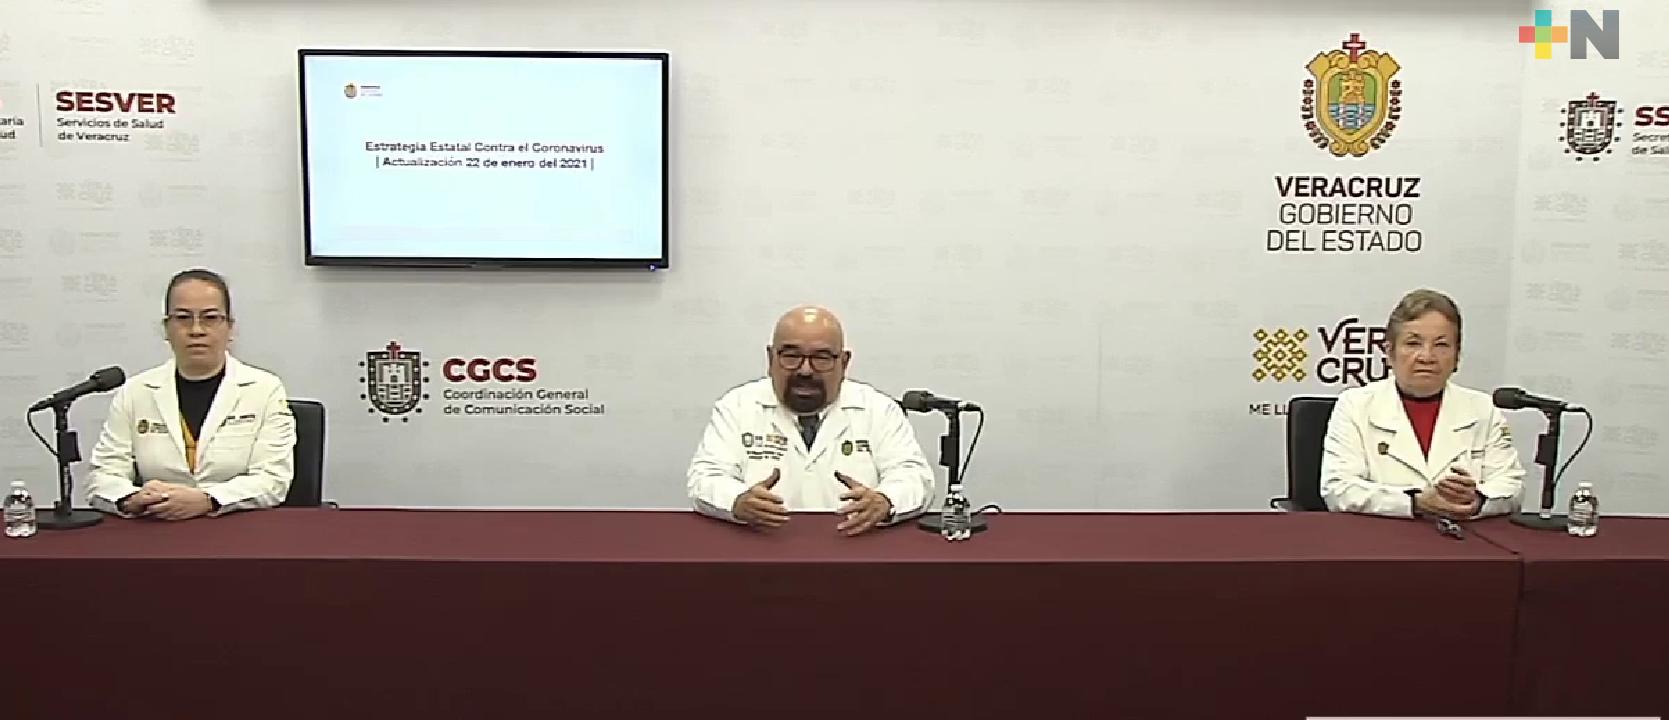 Suman 48 mil 311 casos positivos y 6 mil 800 muertes por COVID-19 en Veracruz